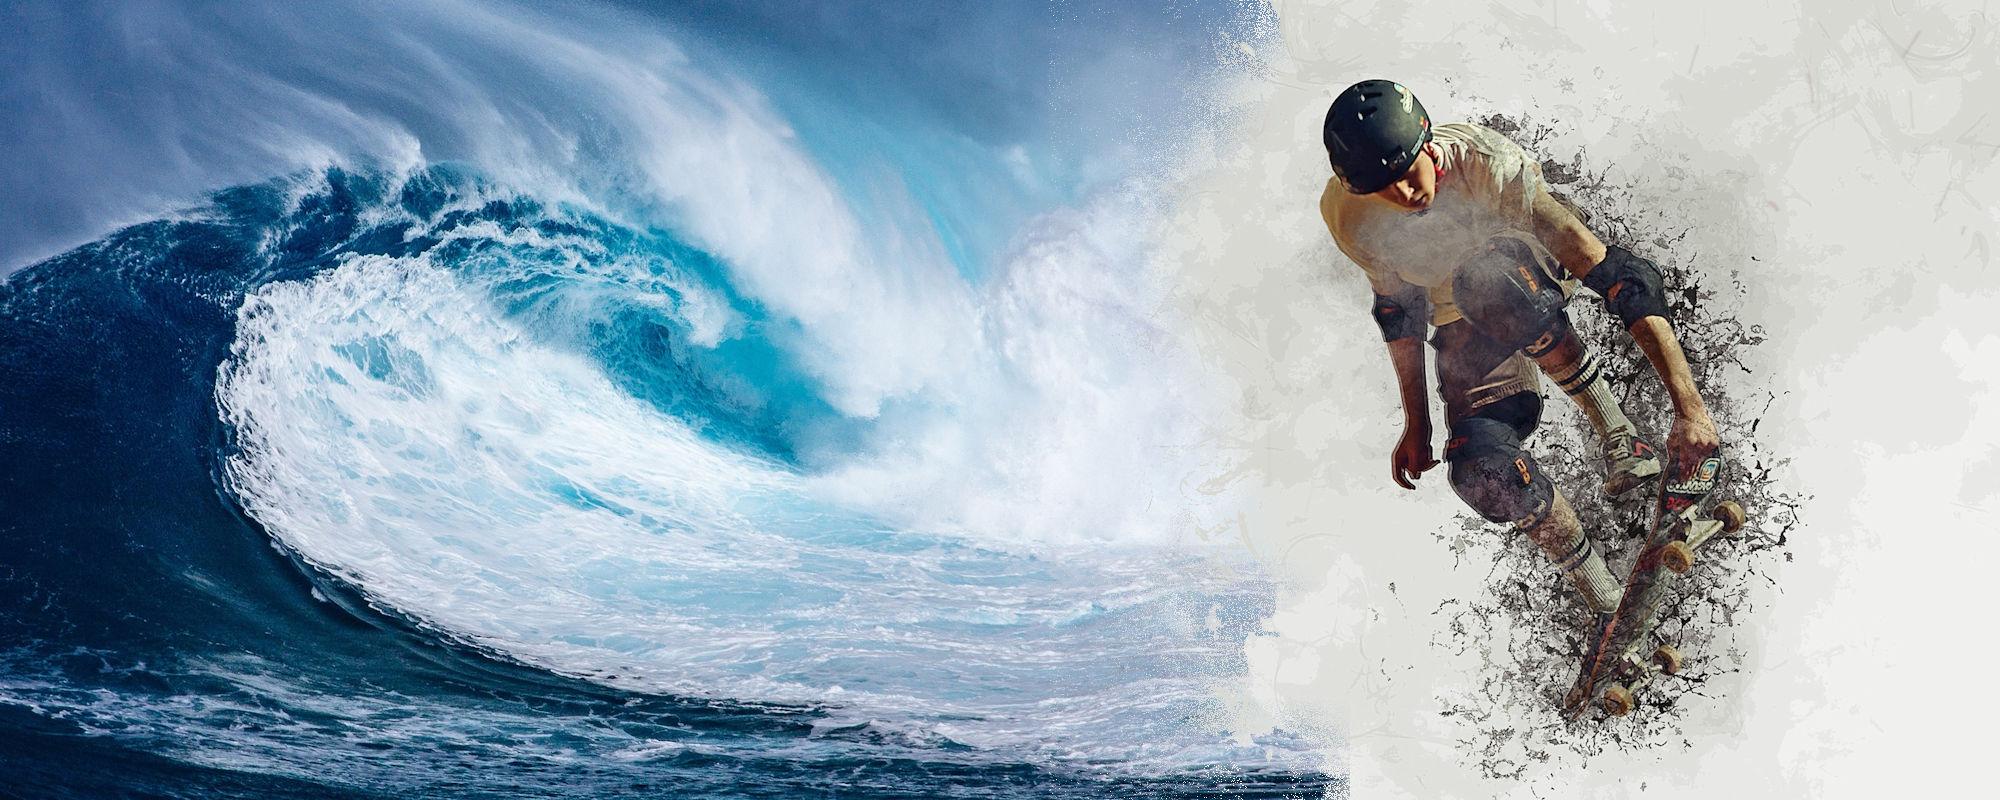 OG Surf & Skate